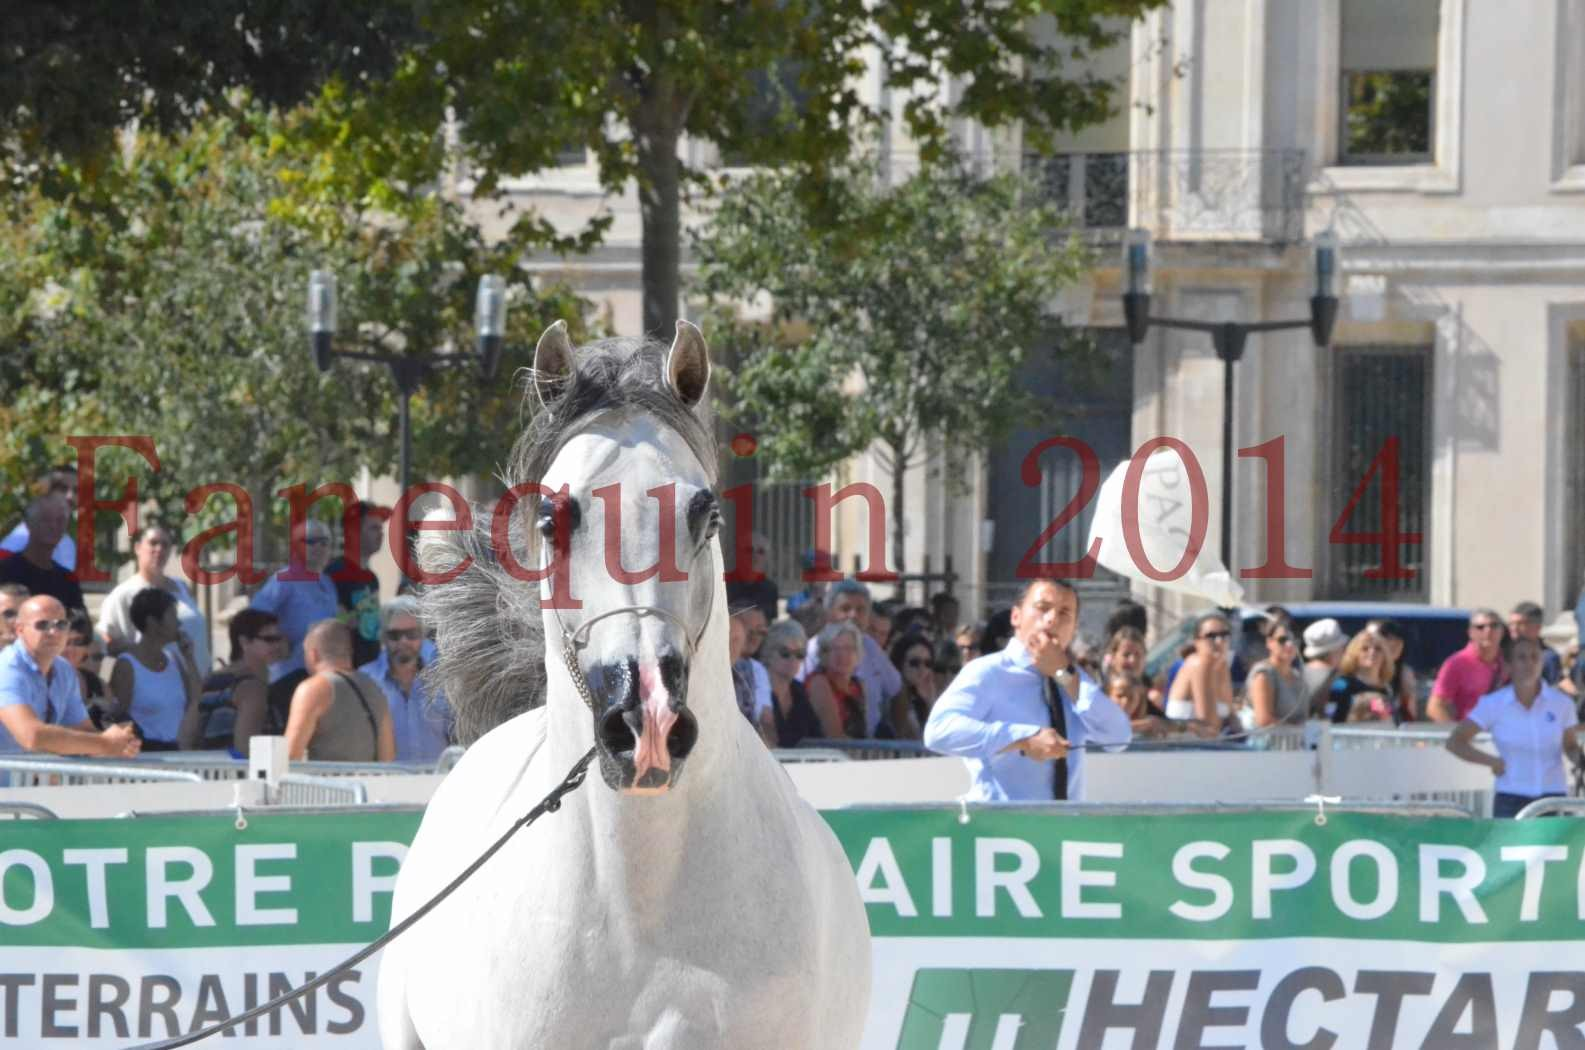 Concours National de Nîmes de chevaux ARABES 2014 - Sélection - SHAOLIN DE NEDJAIA - 54